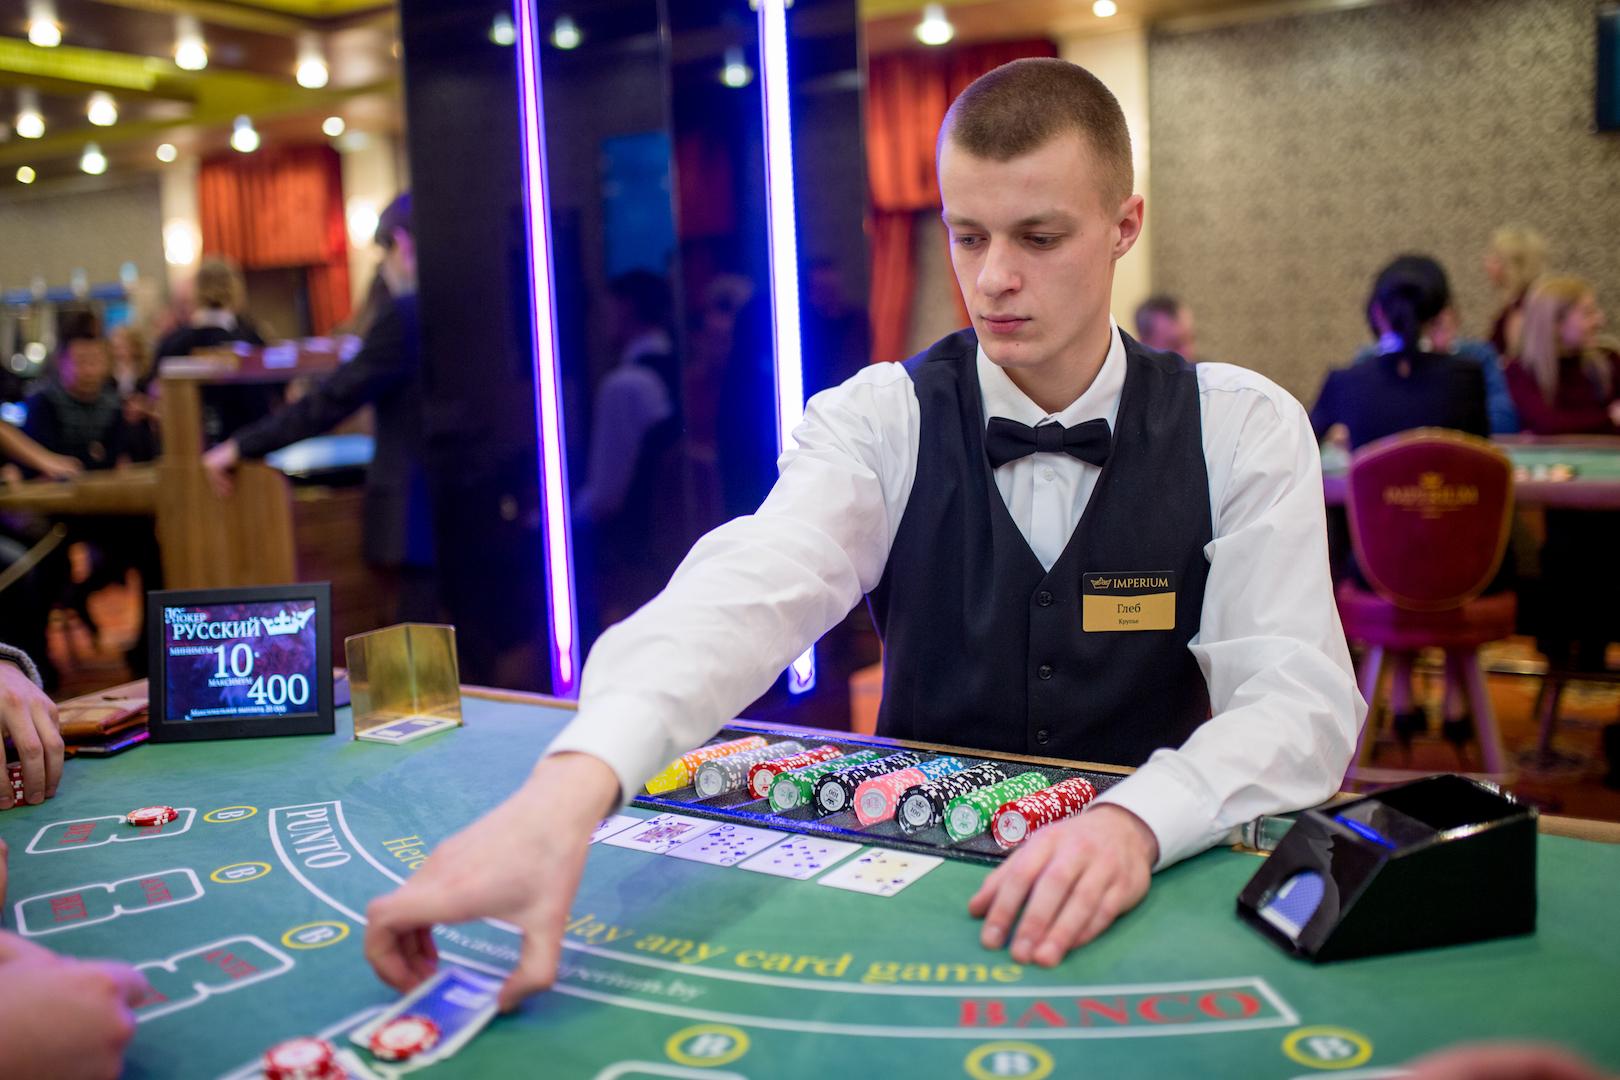 официальный сайт какое казино выплачивает выигрыш